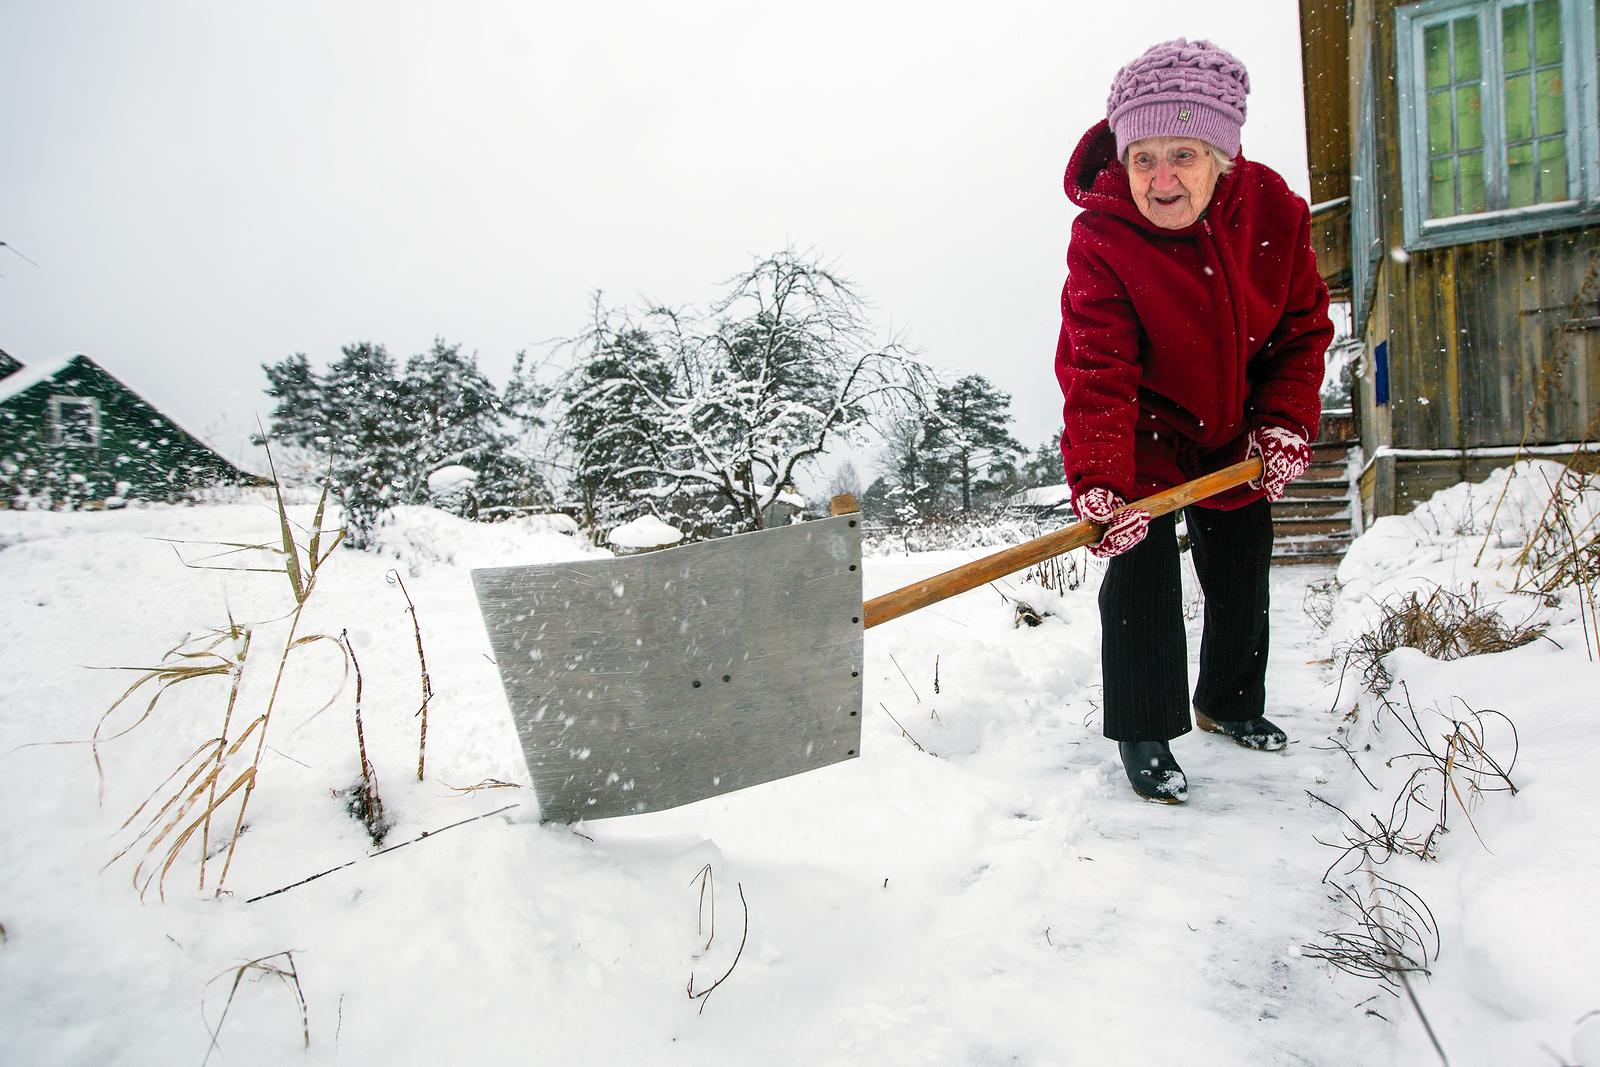 Elder Care in Lake Bluff IL: Prepare for Winter Storms